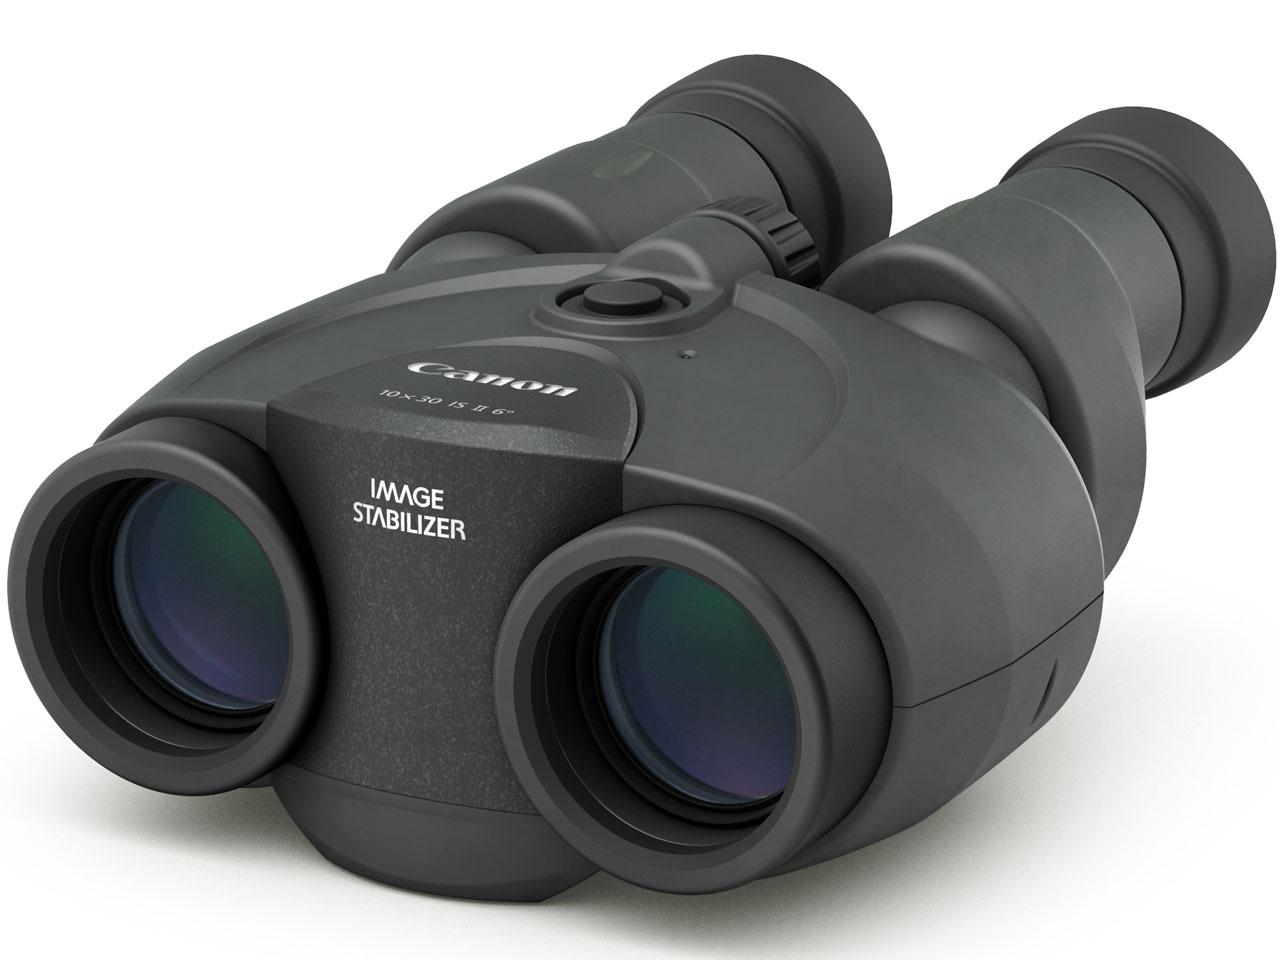 10x30 IS II の製品画像